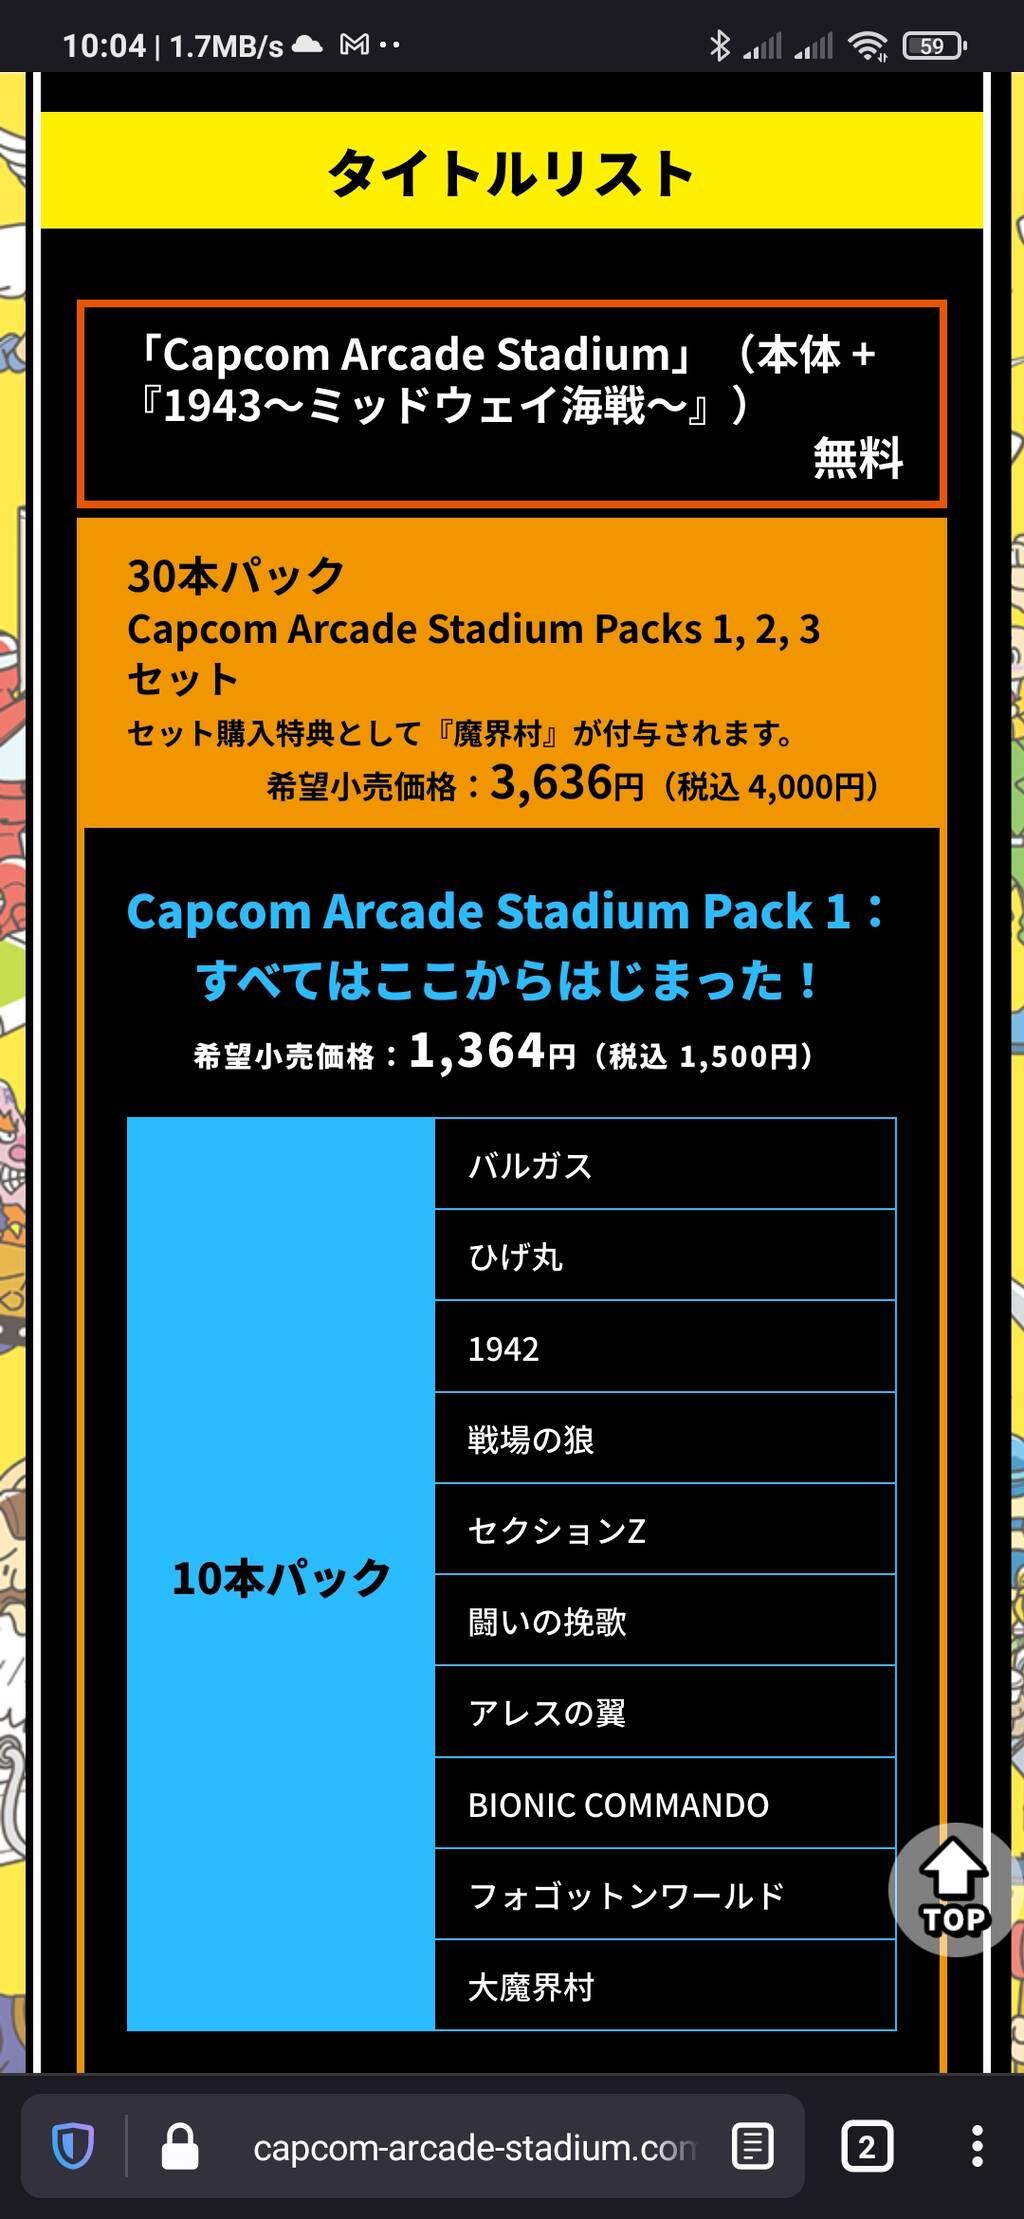 【本日配信】「カプコンアーケードスタジアム」全32タイトルで4000円